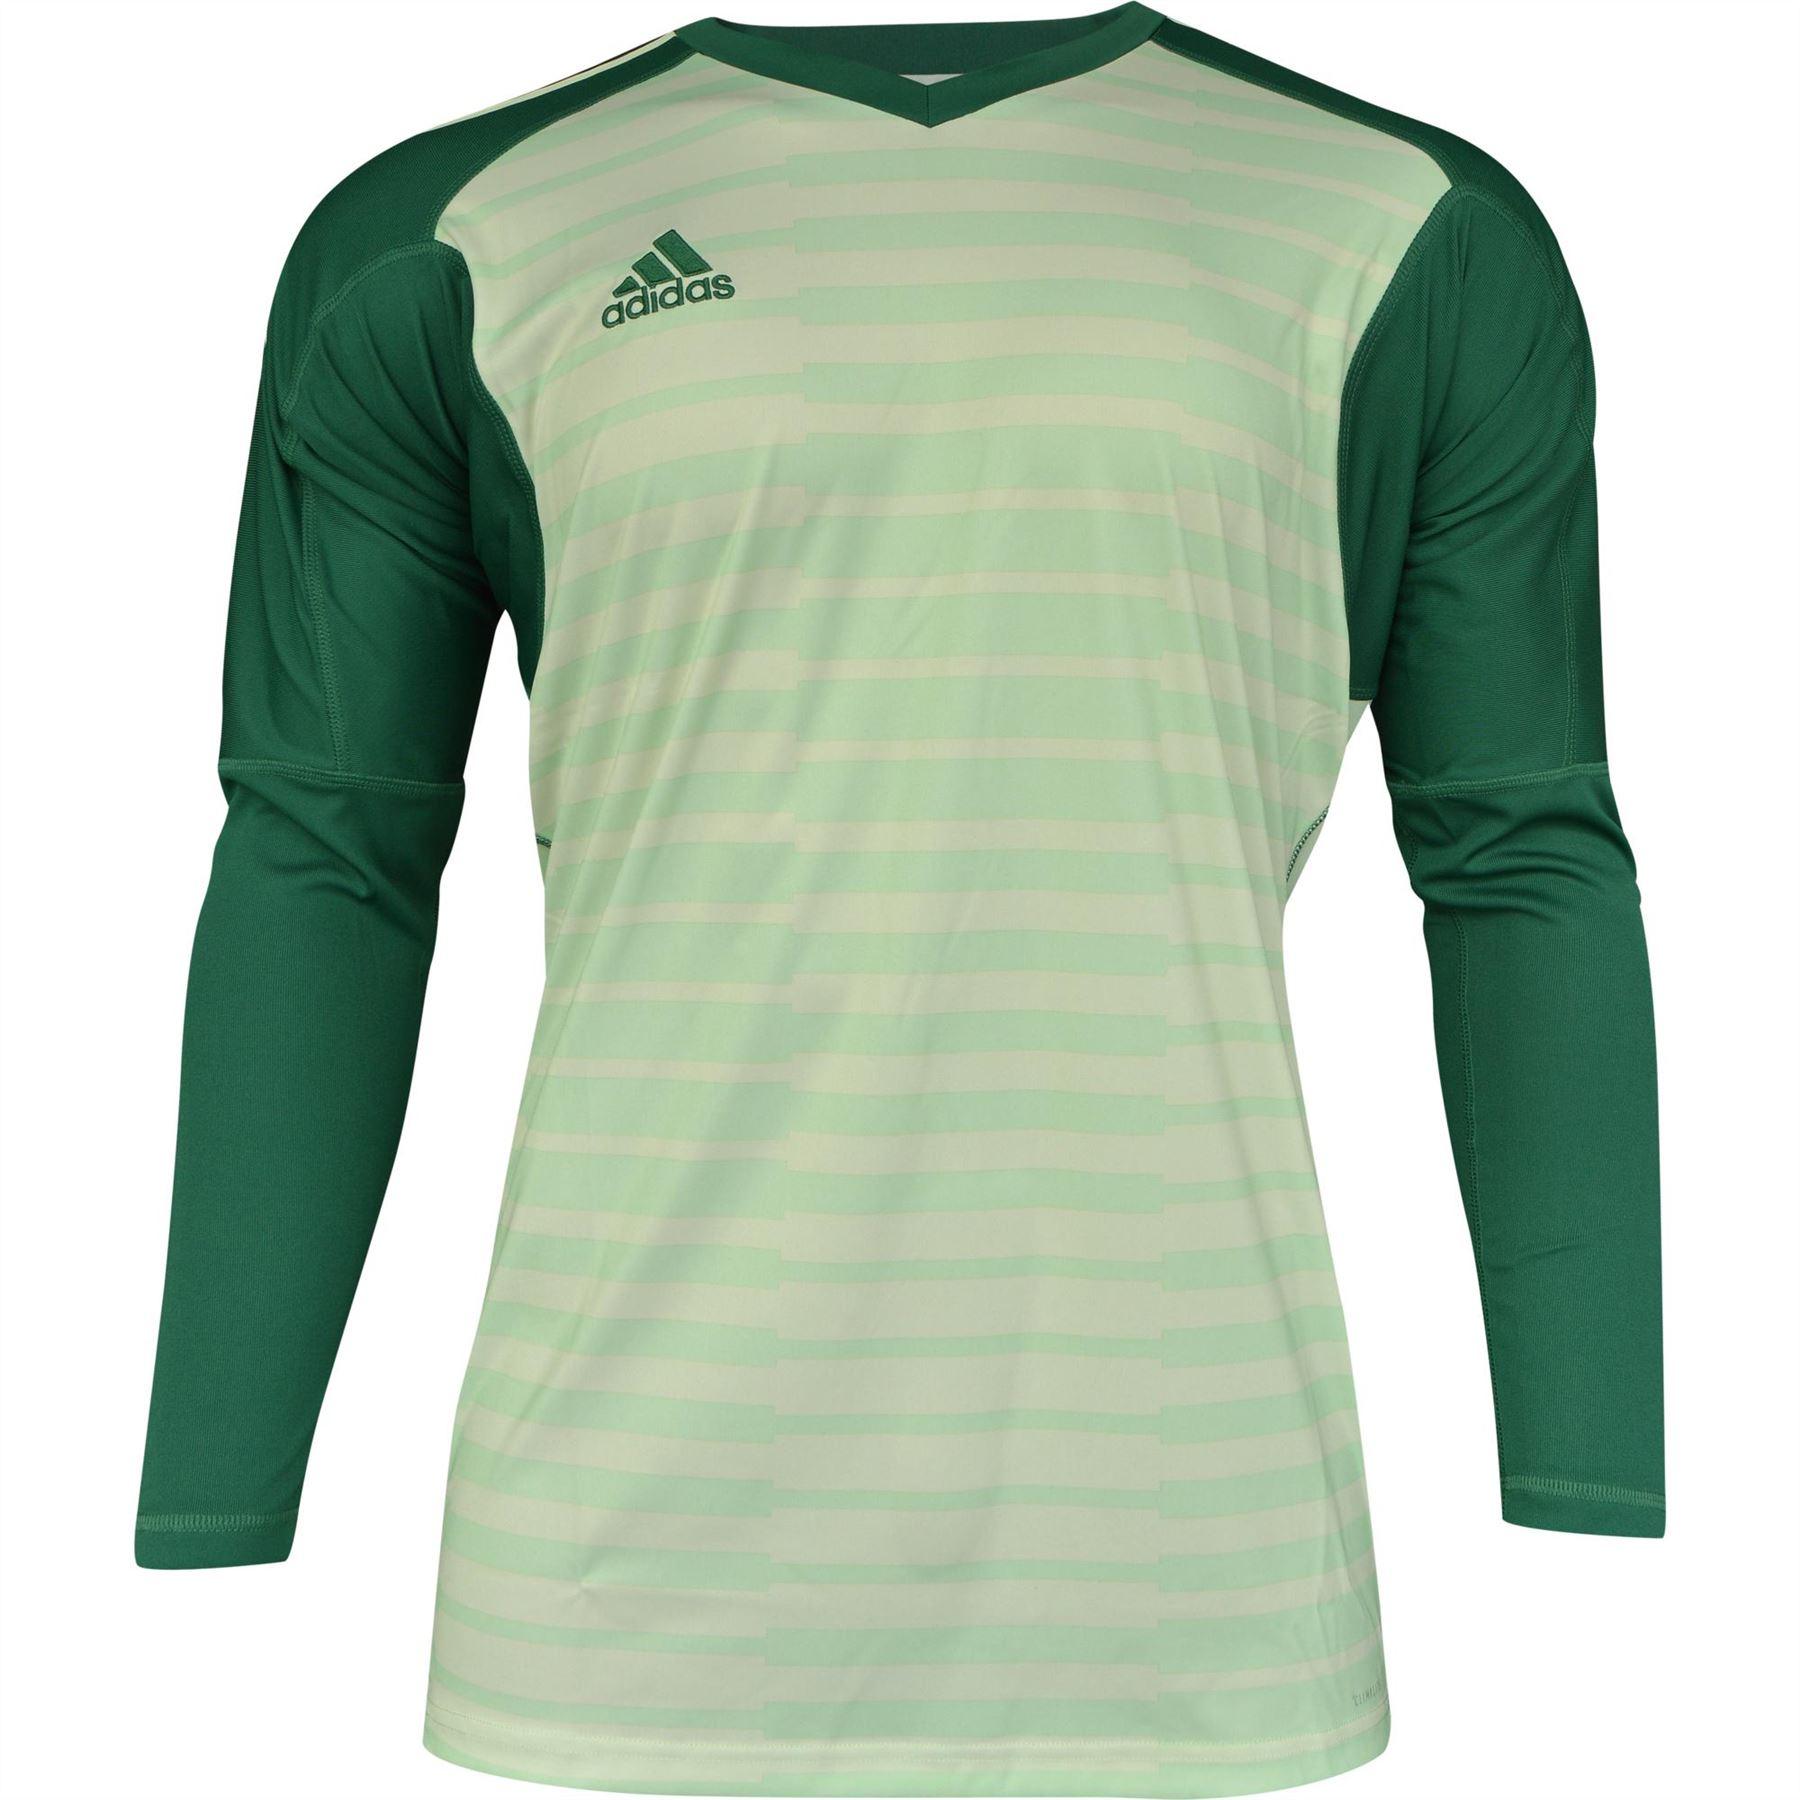 miniature 3 - ADIDAS adiPro 18 Gardien De but Chemise Homme Football Soccer Gk Jersey Top T-Shirt